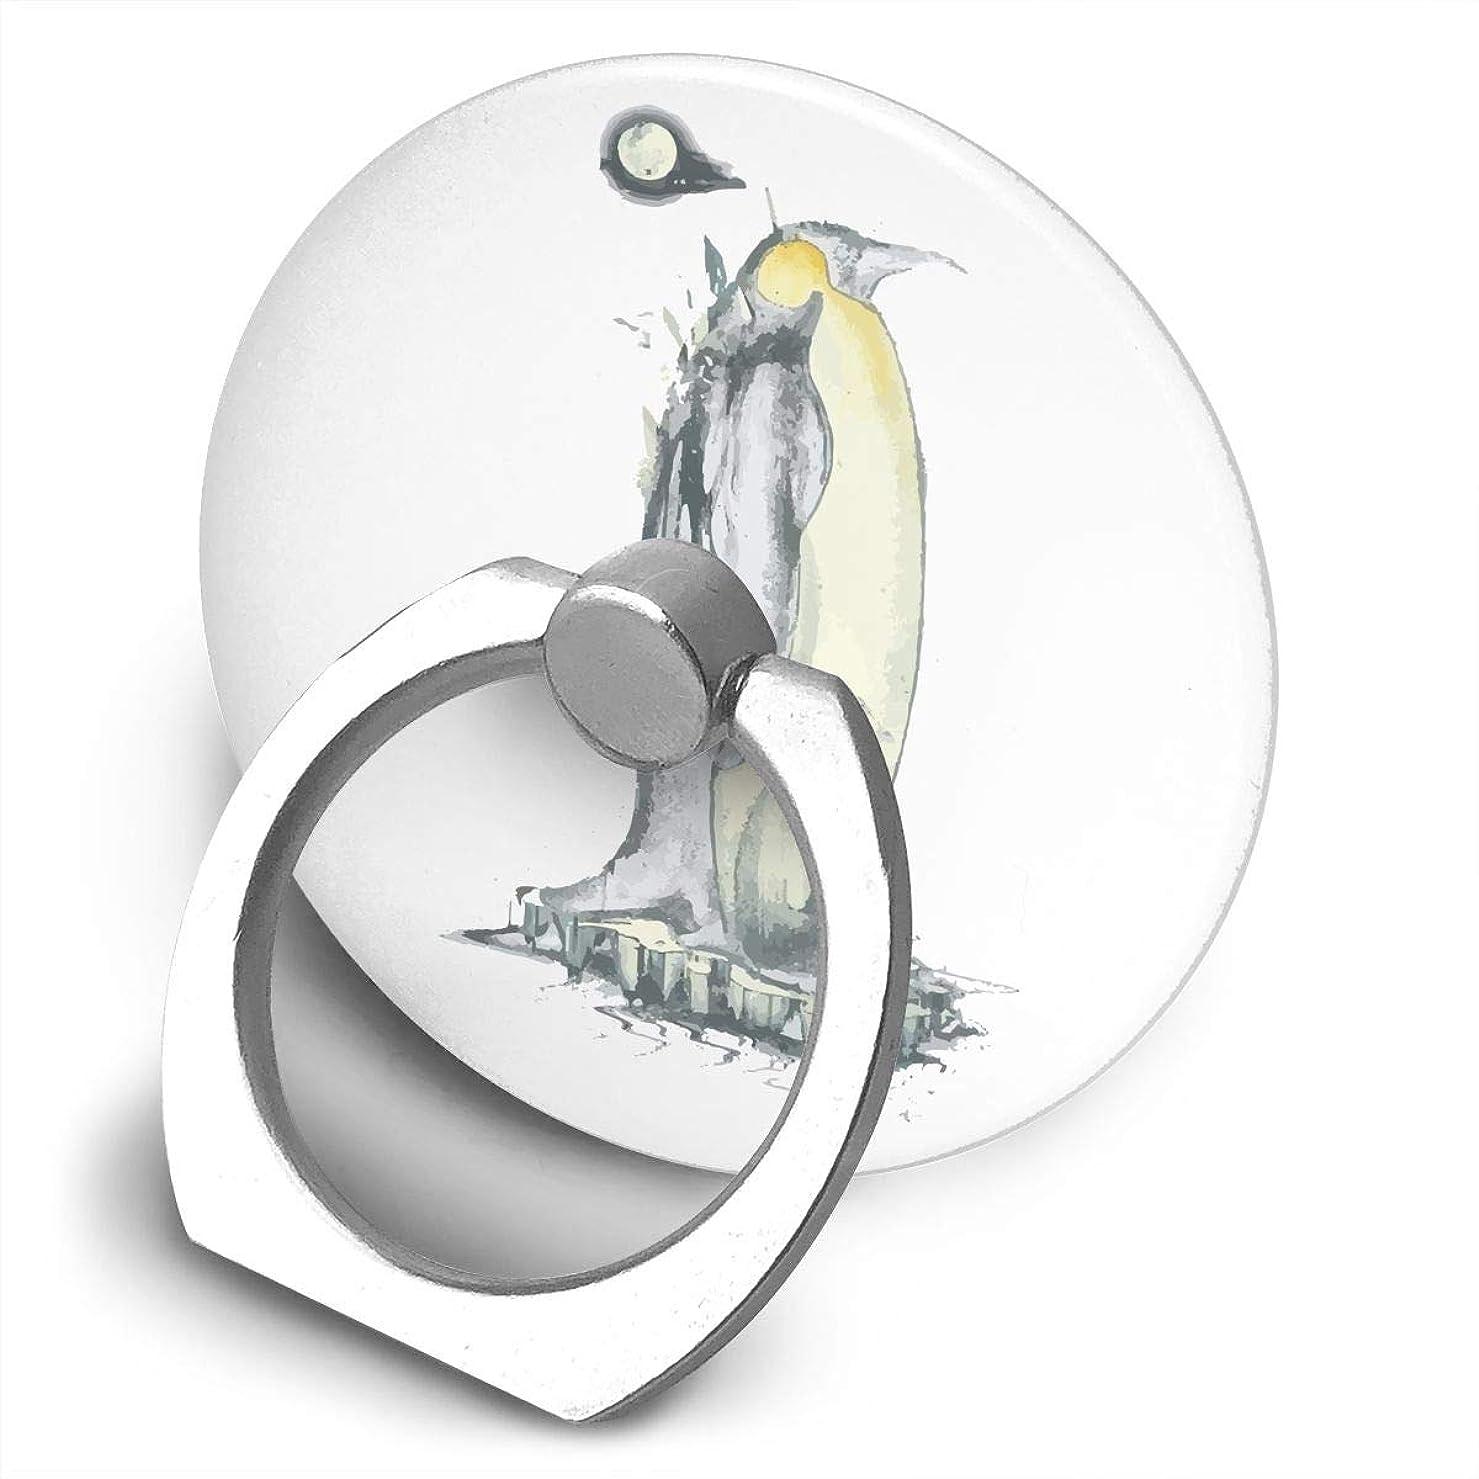 僕の雹軽ペンギン 動物 かわいい スマホ リング ホールドリング 指輪リング 薄型 おしゃれ スタンド機能 落下防止 360度回転 タブレット/スマホ IPhone/Android各種他対応